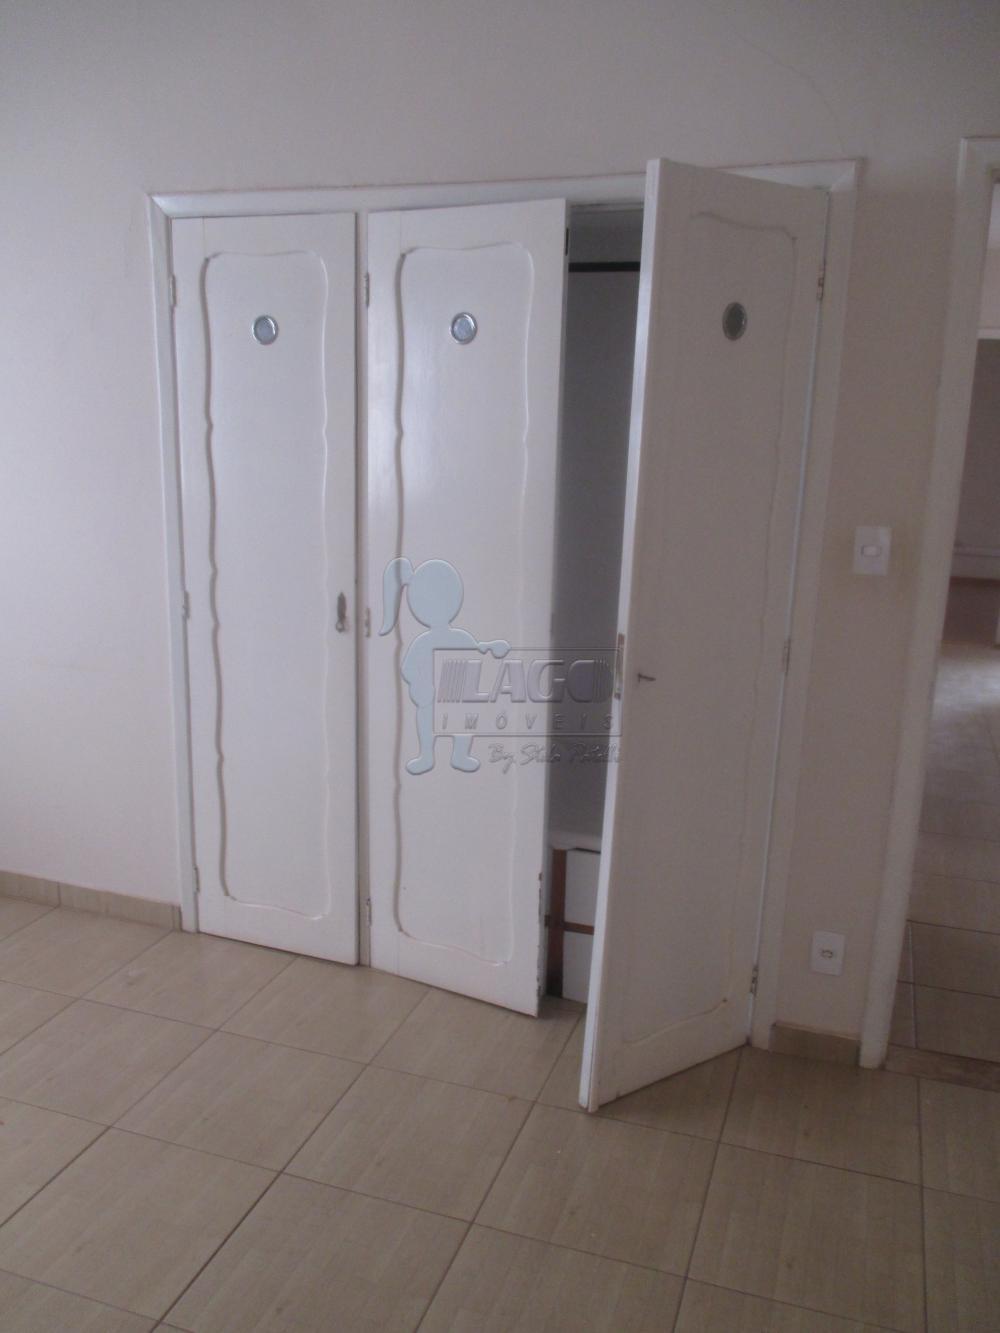 Alugar Comercial / Imóvel Comercial em Ribeirão Preto apenas R$ 4.200,00 - Foto 17